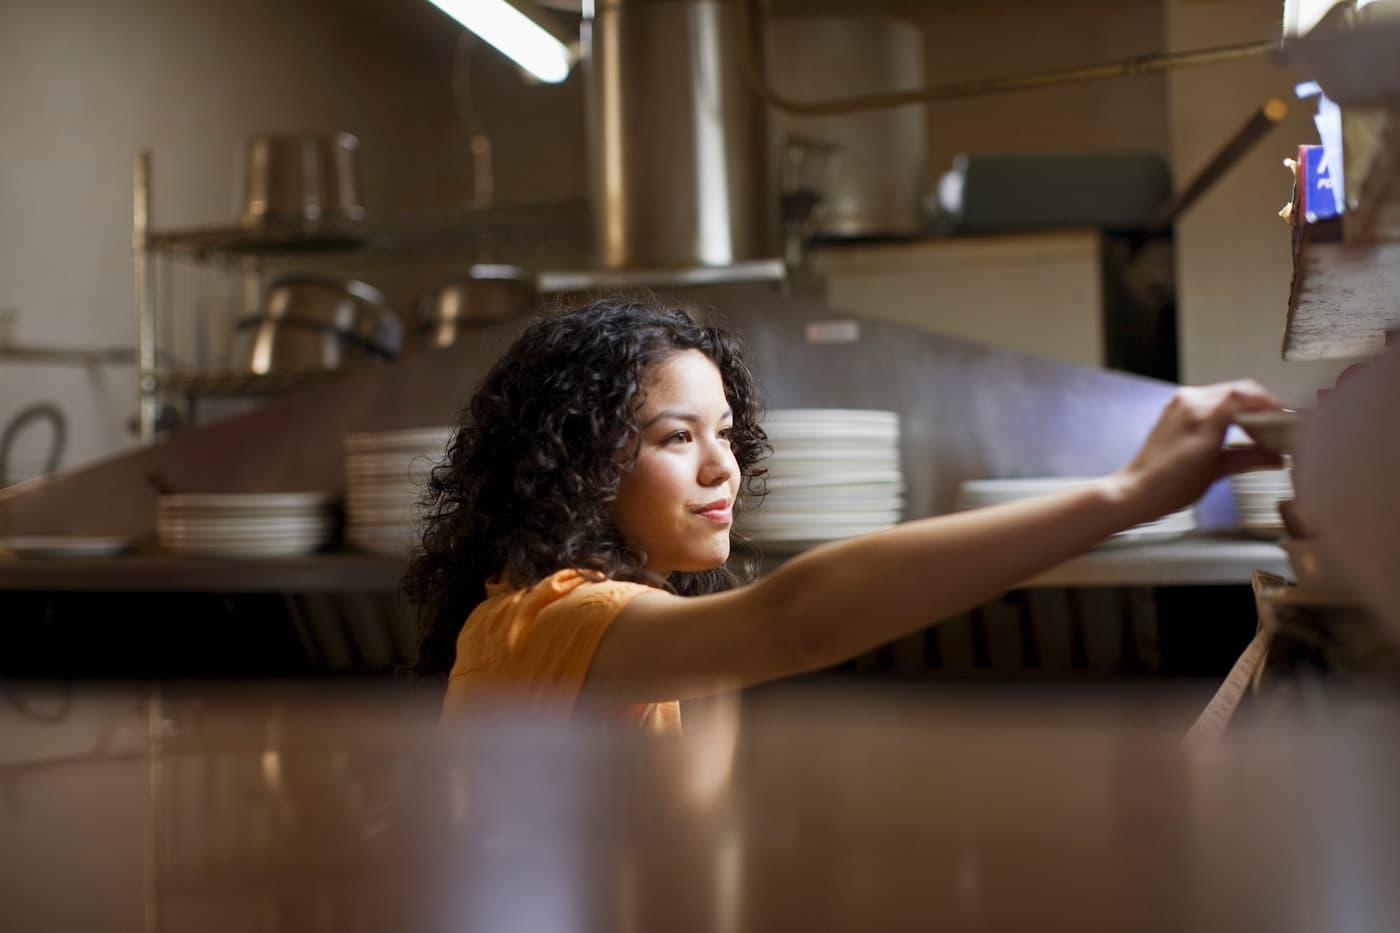 Restaurant server taking dish